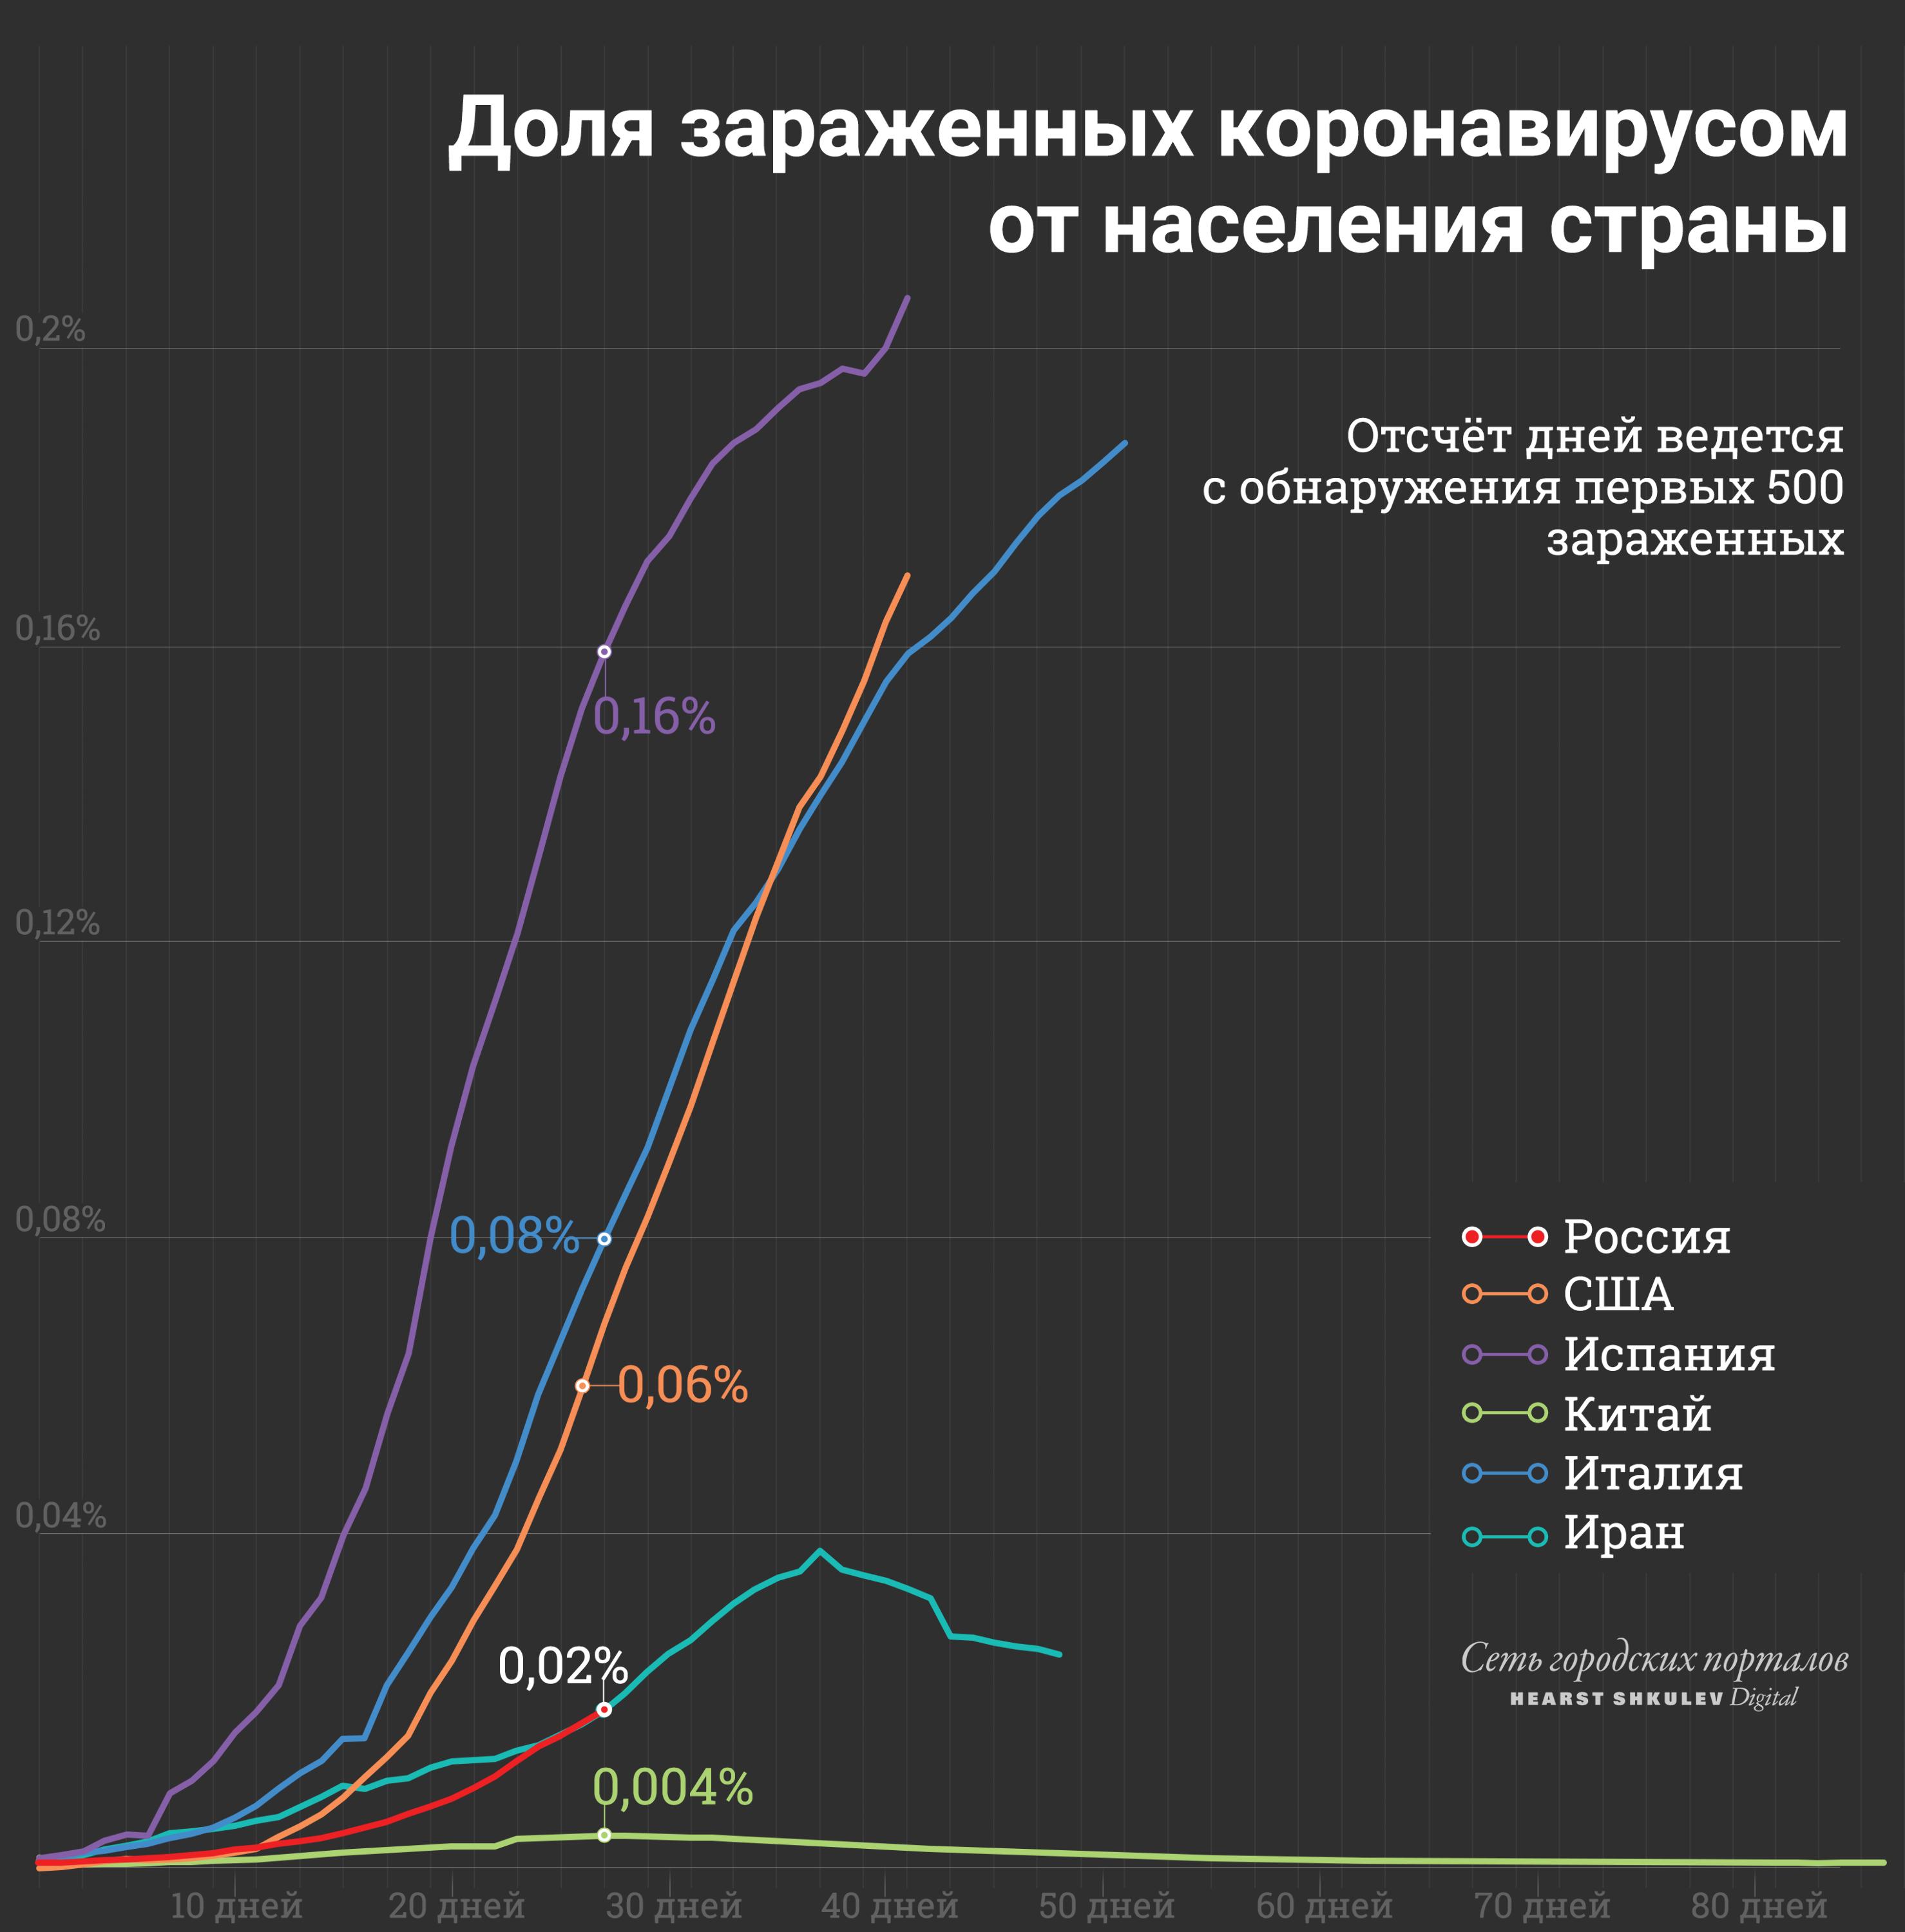 Здесь показано не общее количество зараженных, а доля от населения страны. Китай выглядит совсем неожиданно